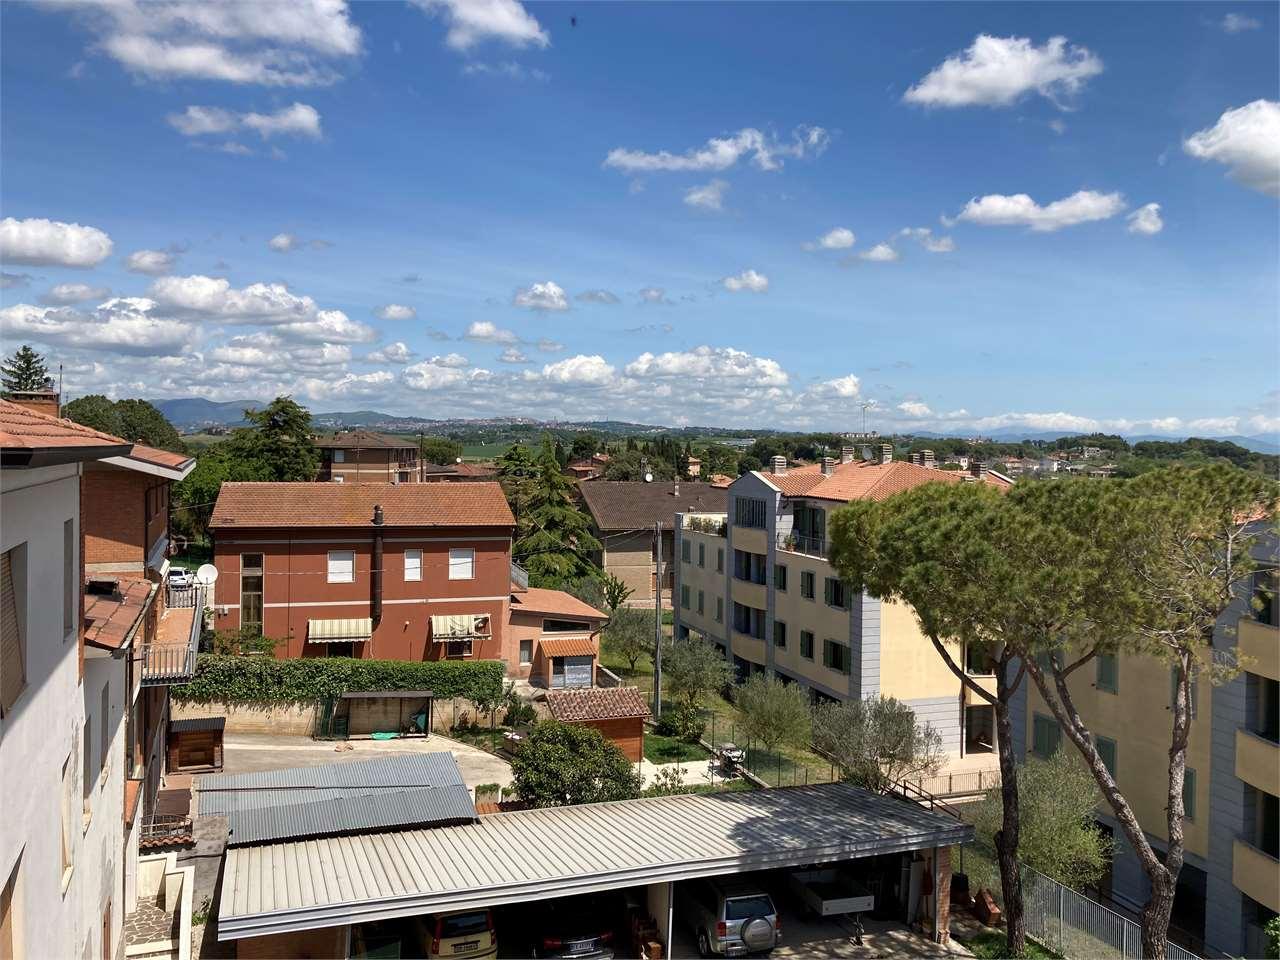 Appartamento in affitto a San Martino In Colle, Perugia (PG)